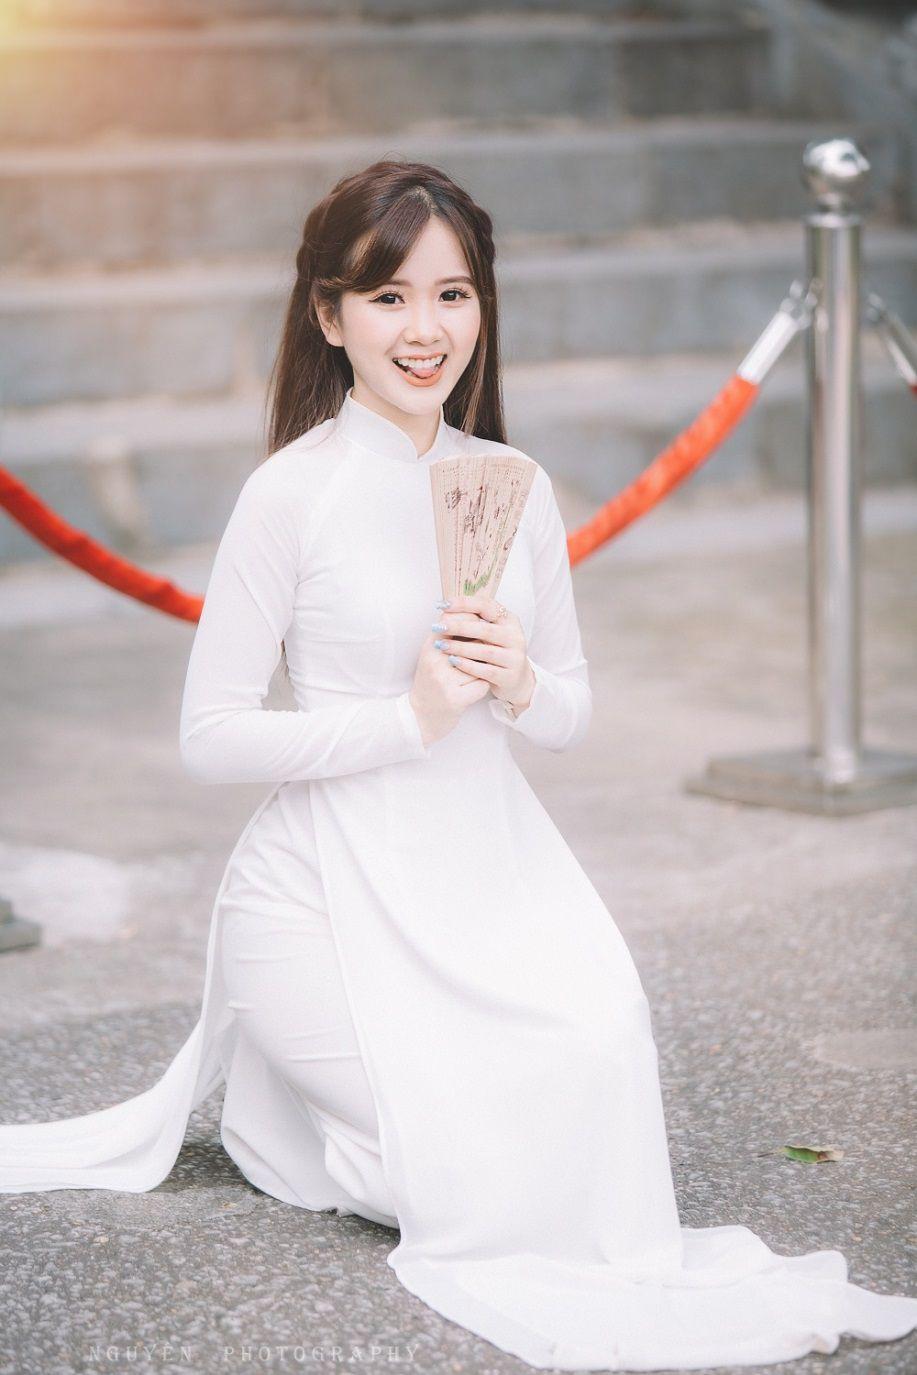 Thiếu nữ Phú Thọ xinh tựa búp bê, sở hữu nụ cười tỏa nắng - 6